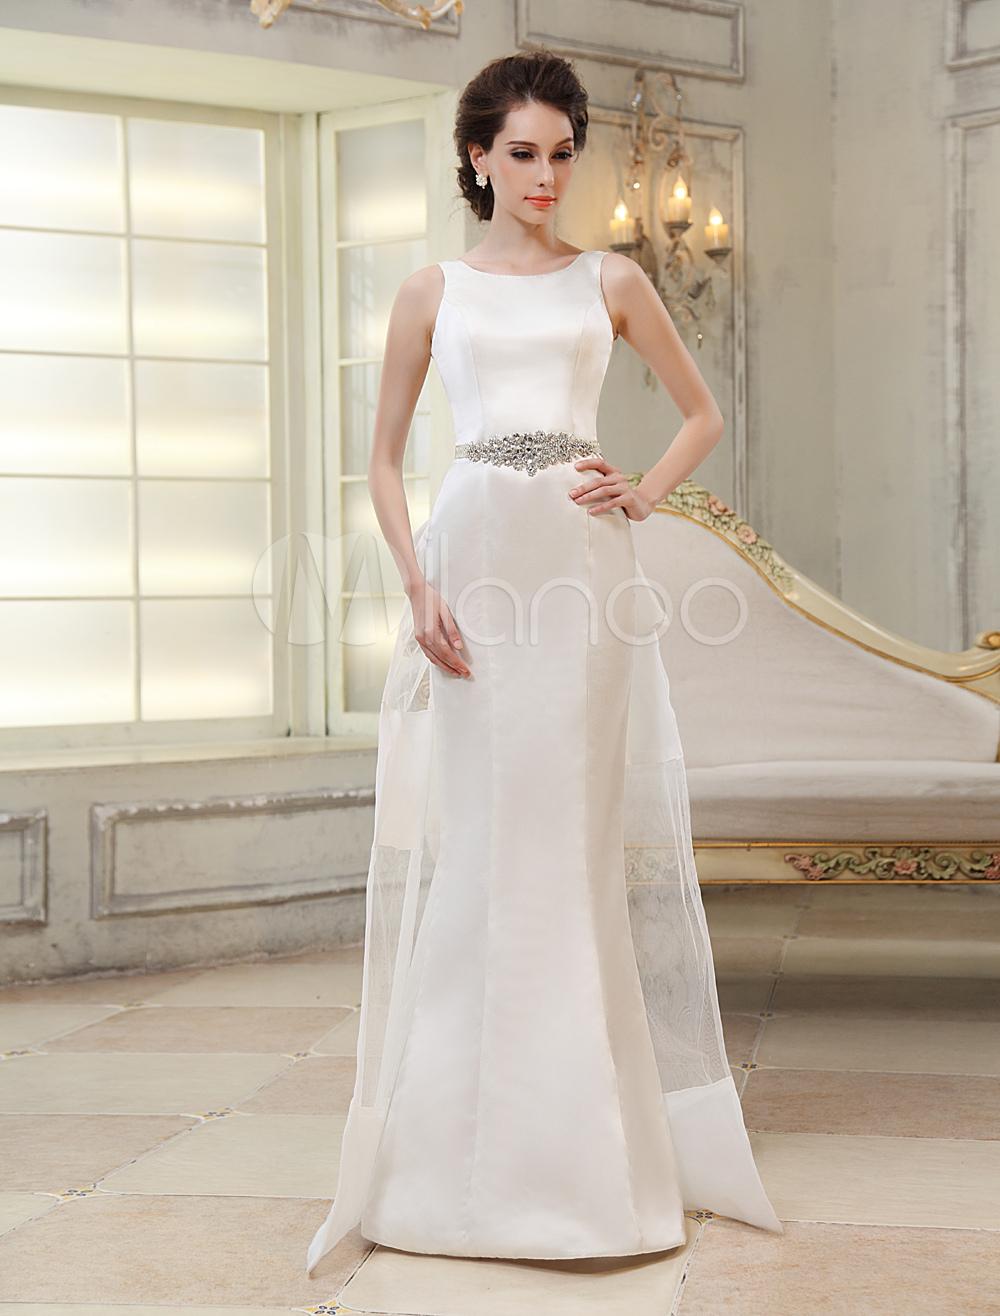 Etui brautkleid aus satin milanoo etui stil flanevo for Milanoo abendkleider